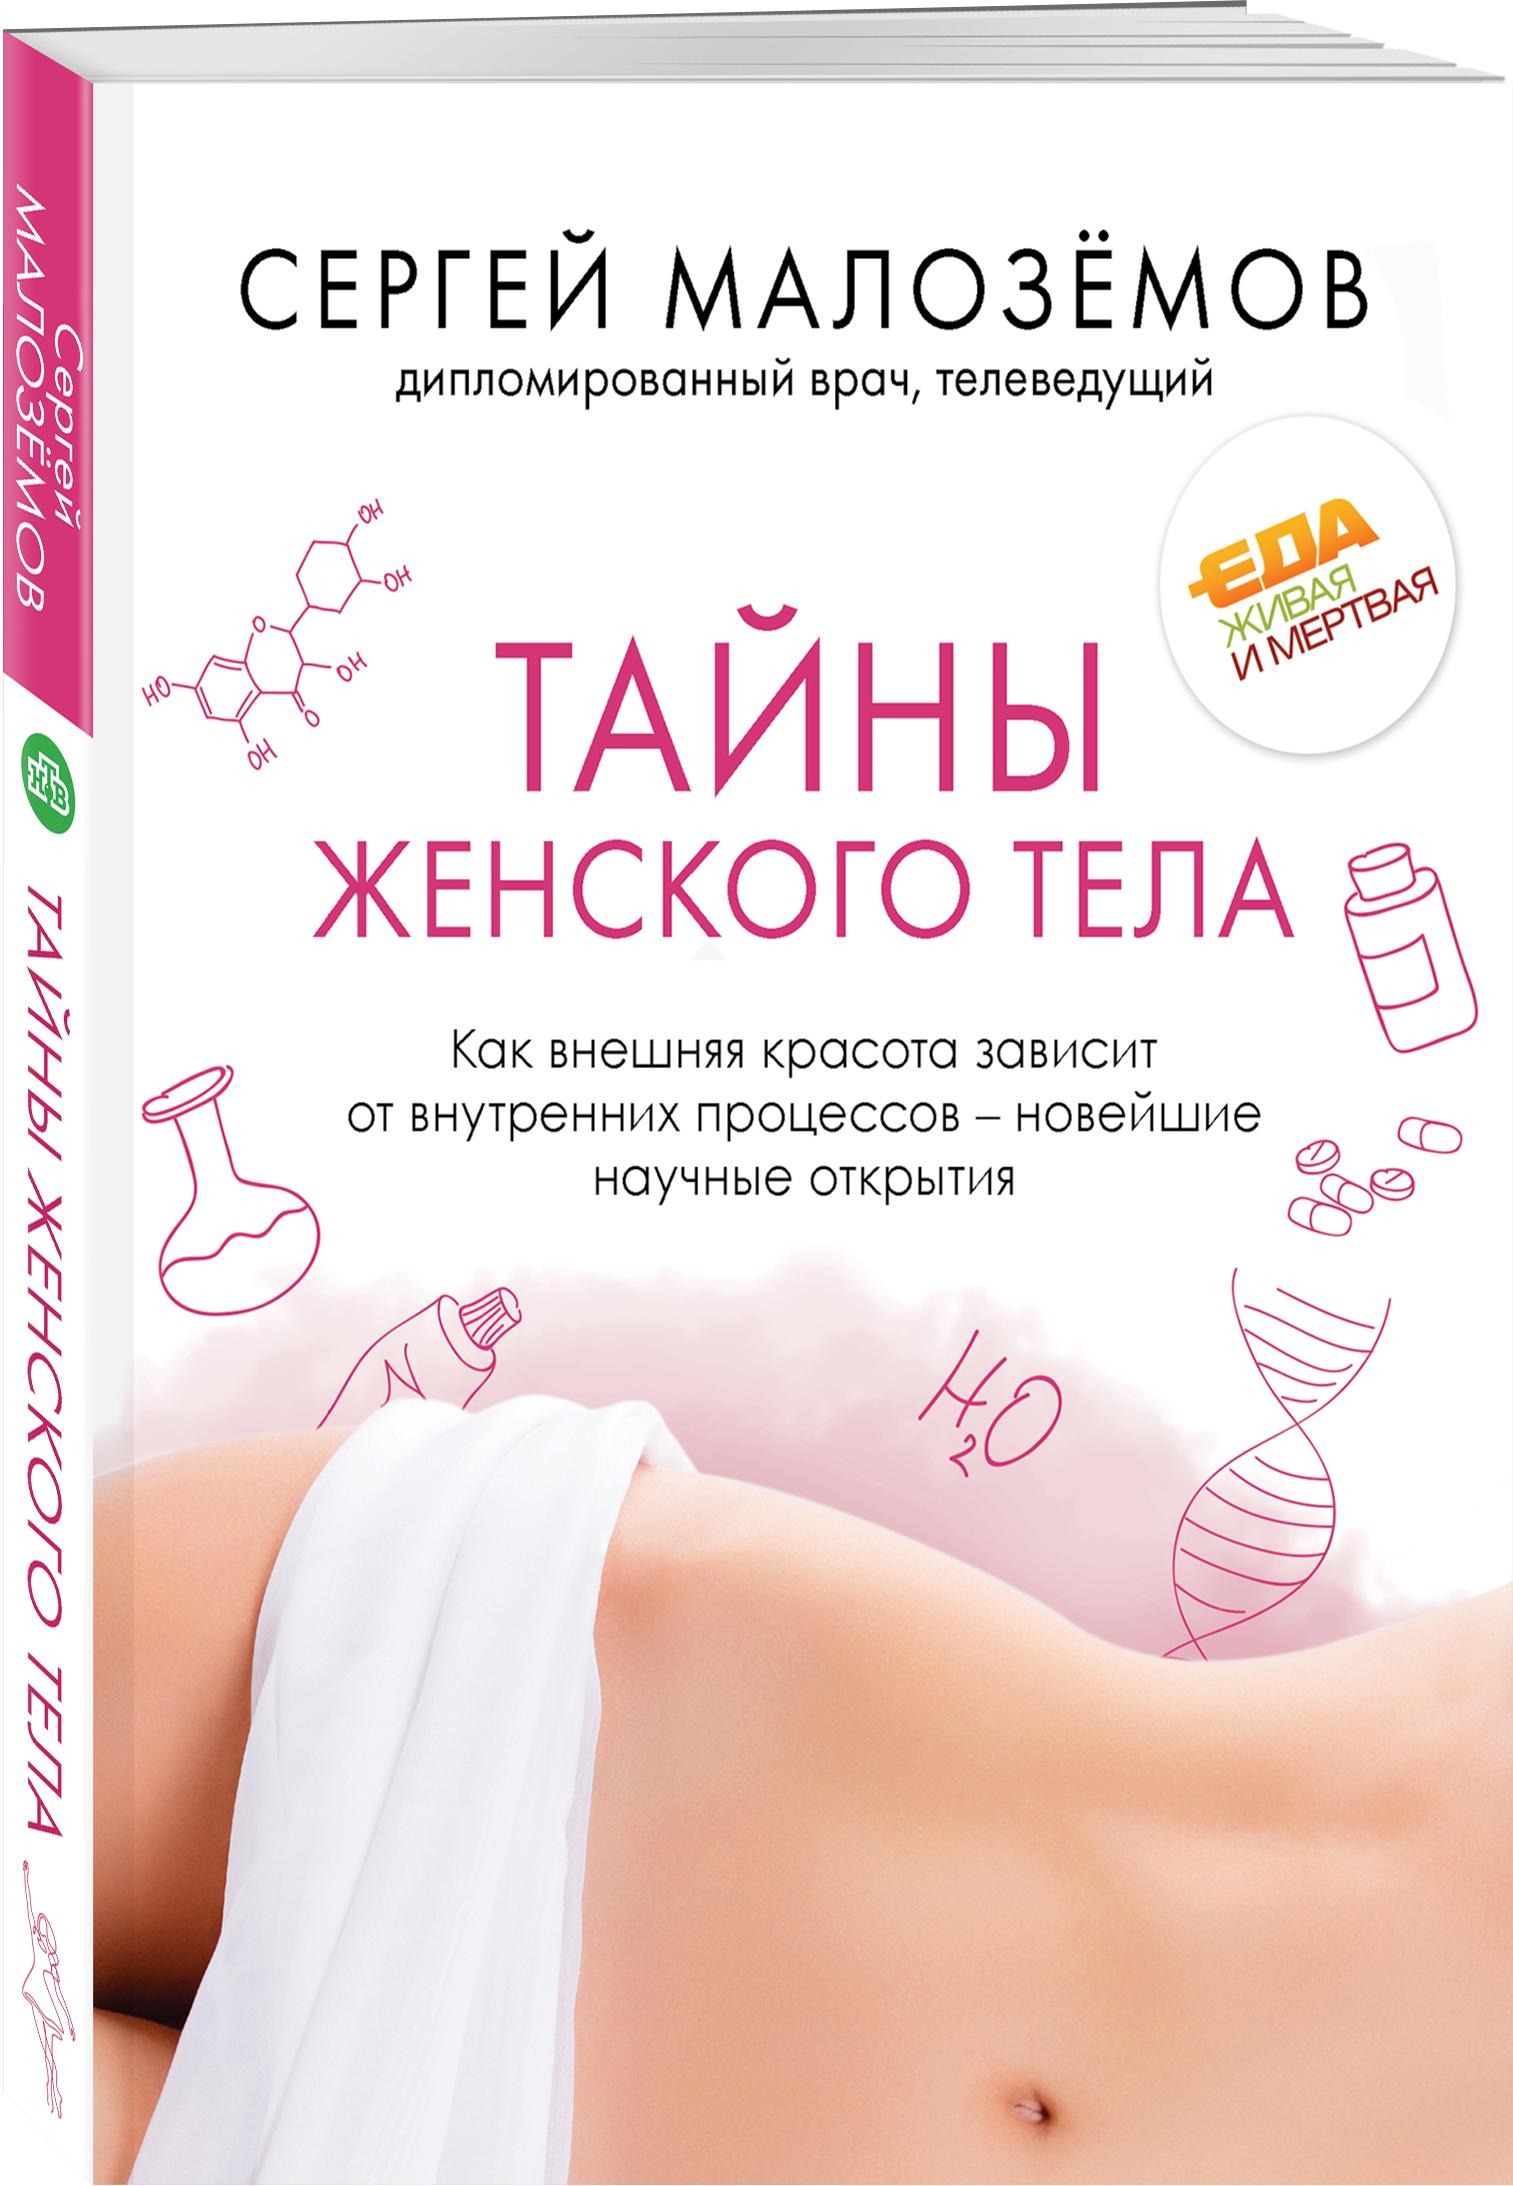 Сергей Малоземов Тайны женского тела. Как внешняя красота зависит от внутренних процессов - новейшие научные открытия